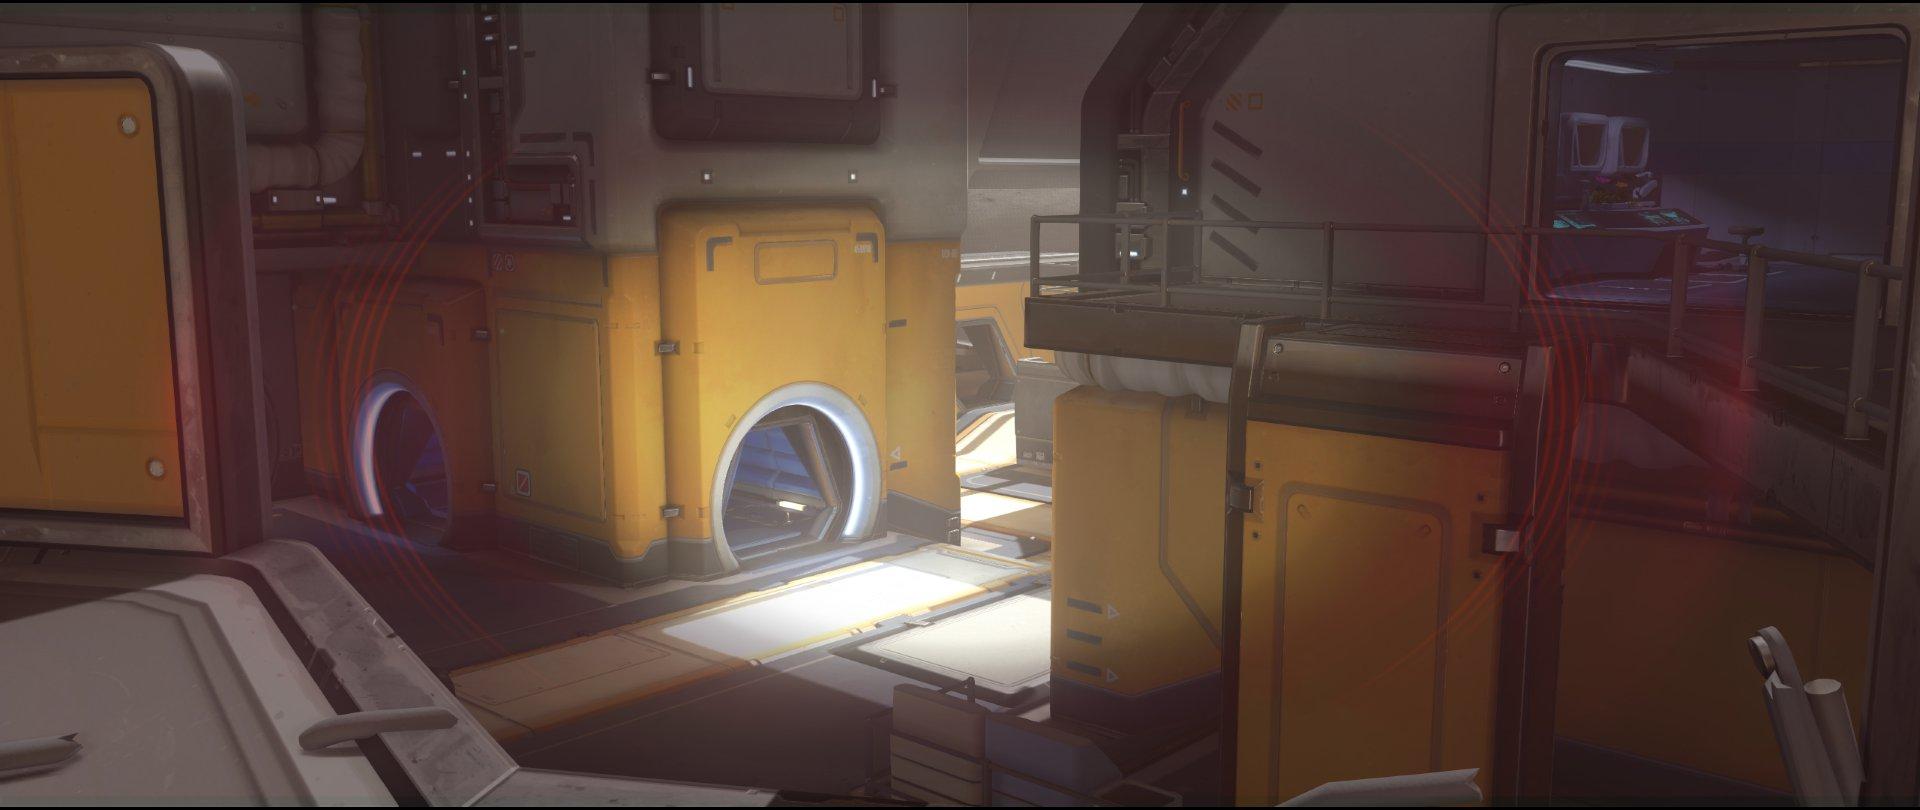 Start+catwalk+defense+sniping+spot+Widowmaker+Horizon+Lunar+Colony+Overwatch